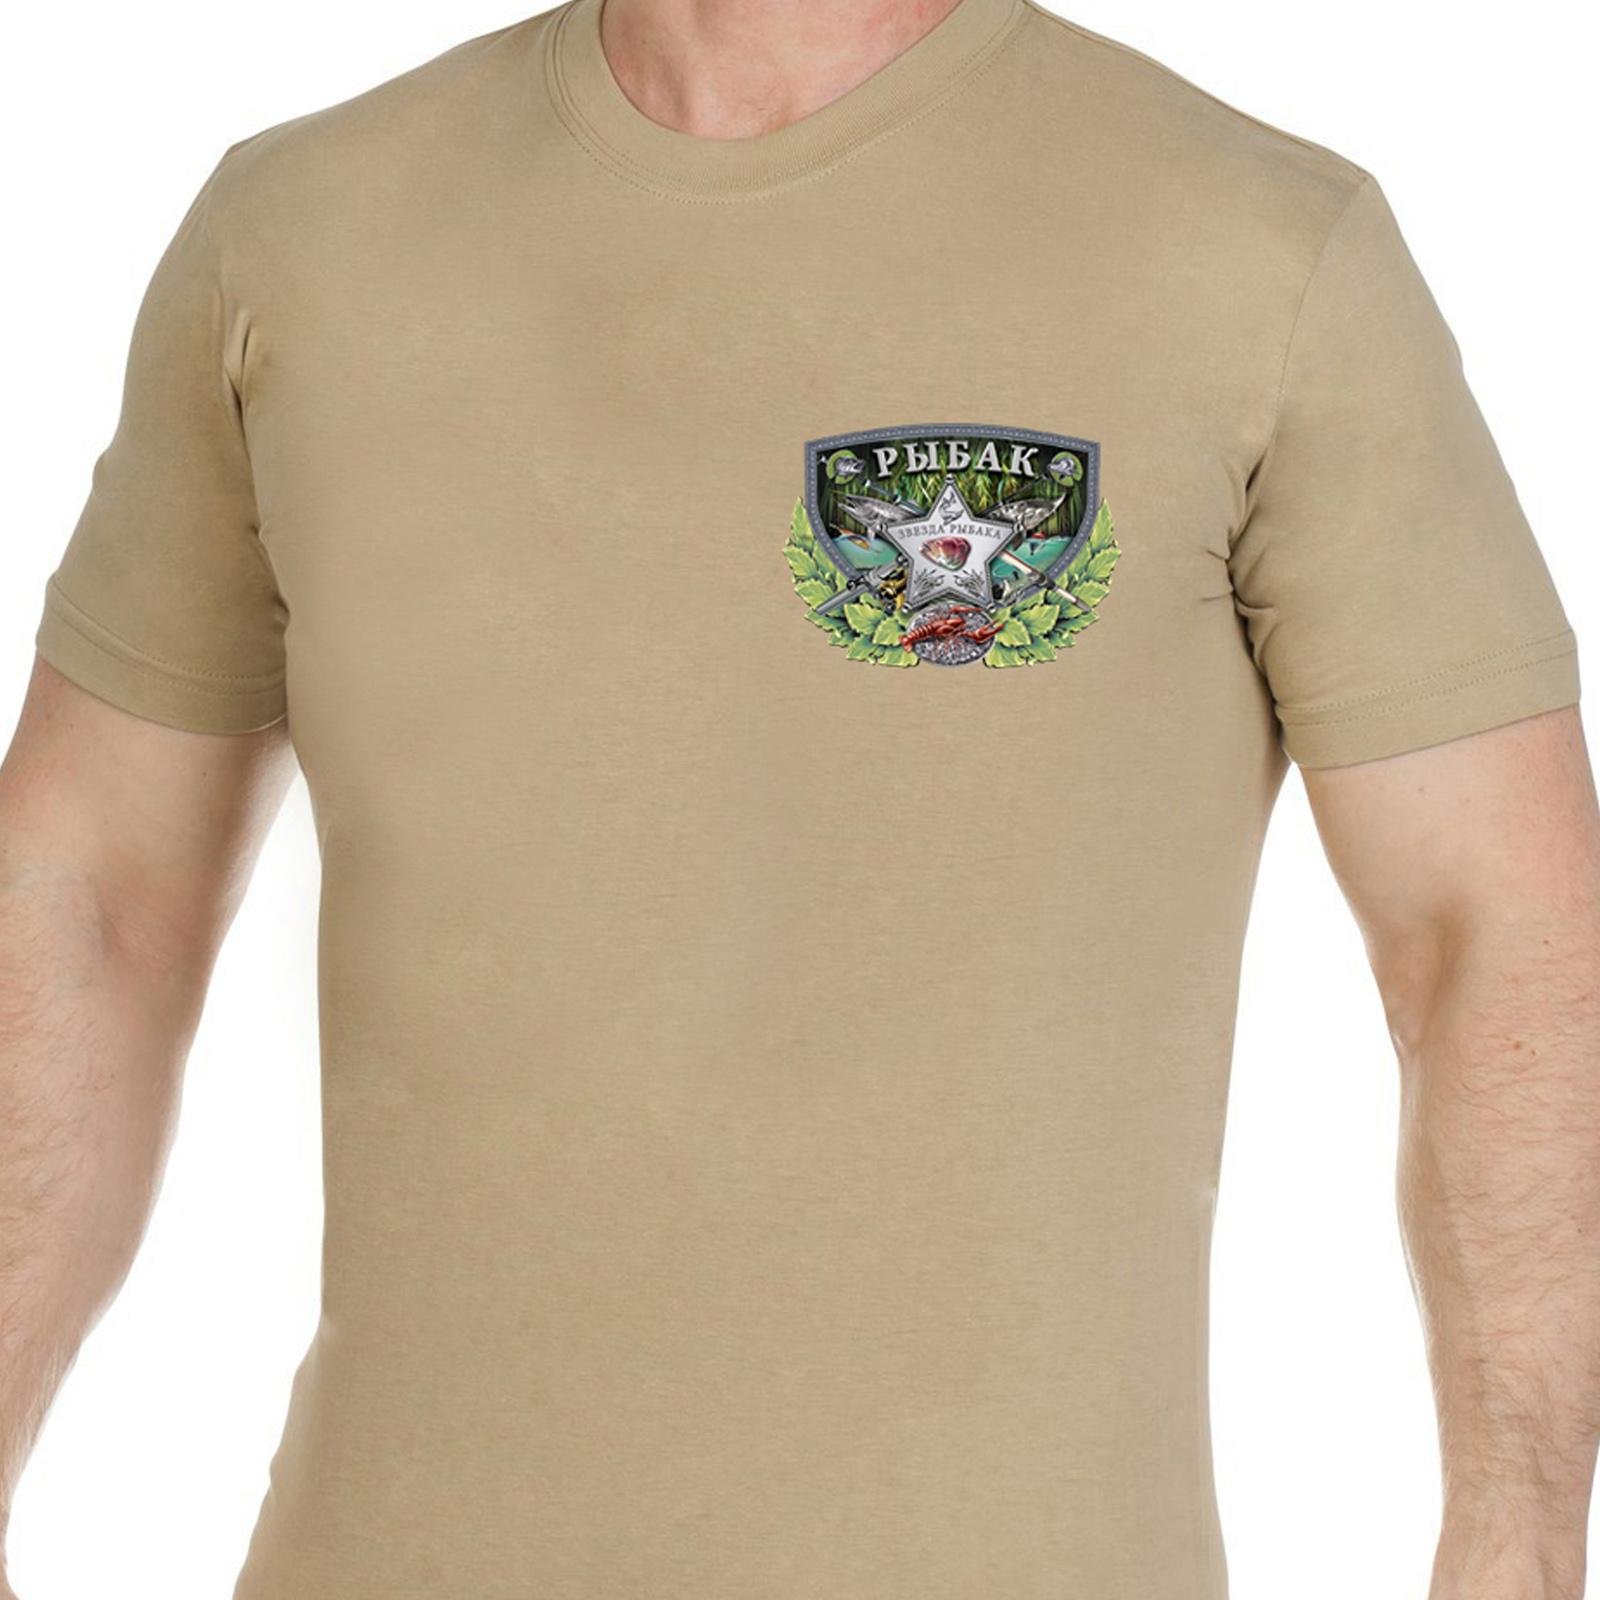 Крутая рыбацкая футболка с тематическим принтом - купить онлайн